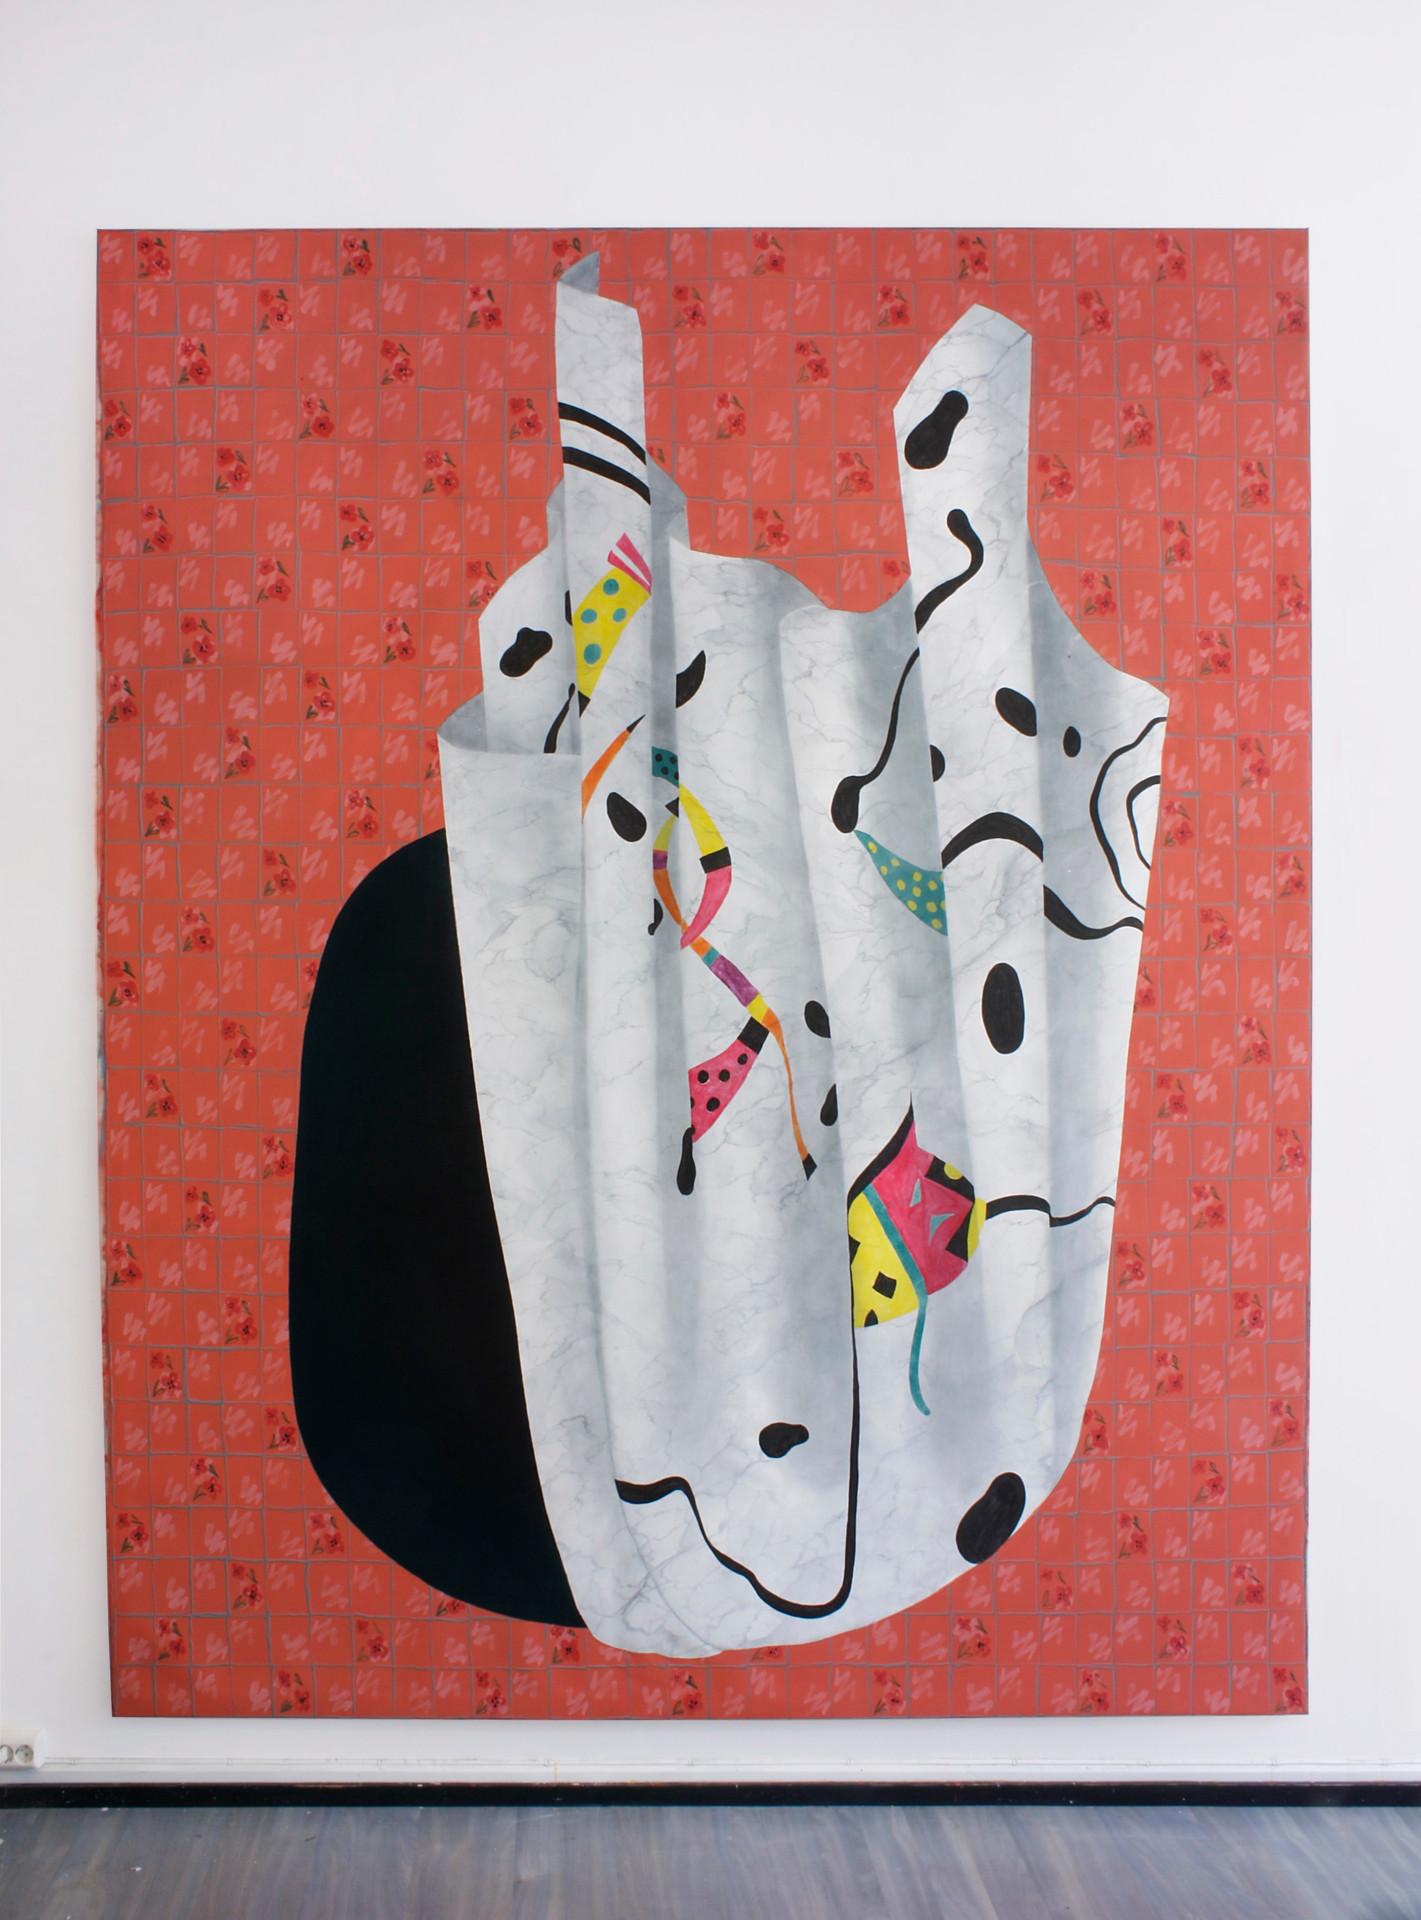 Trick, 300x245 cm, olja, tempera och akryl på canvas, 2019